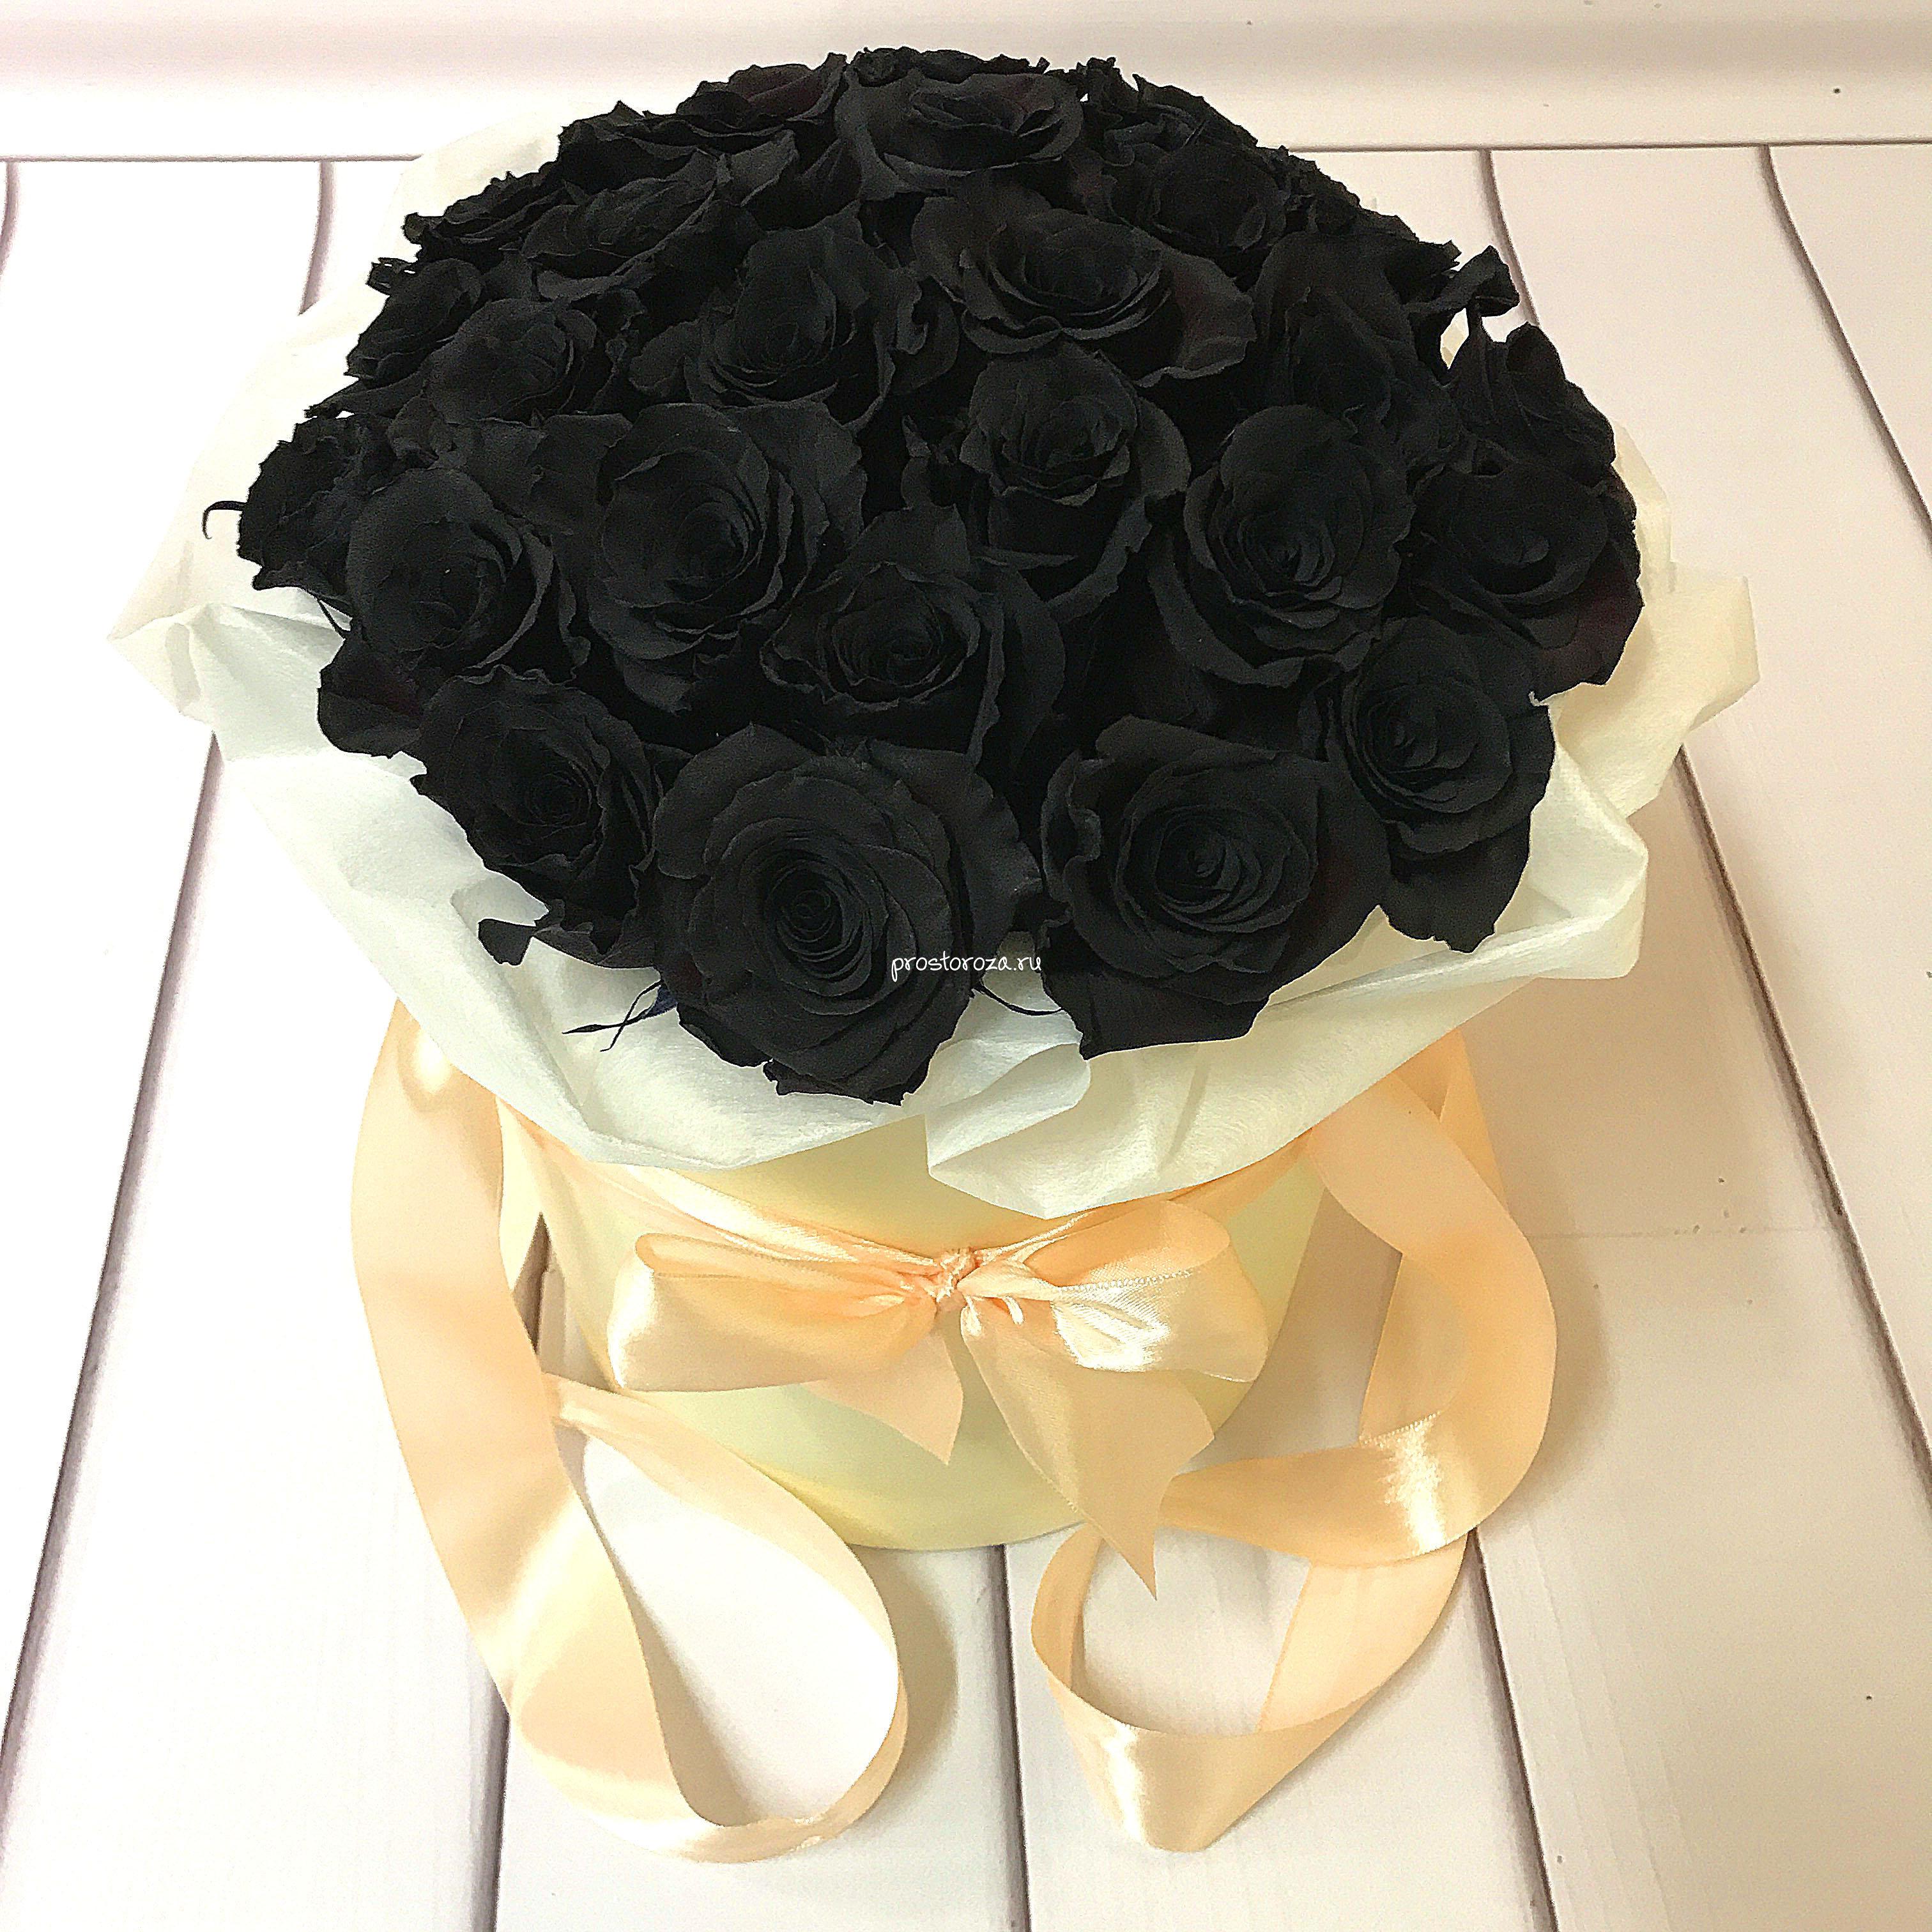 Красивые букеты роз черные, мир